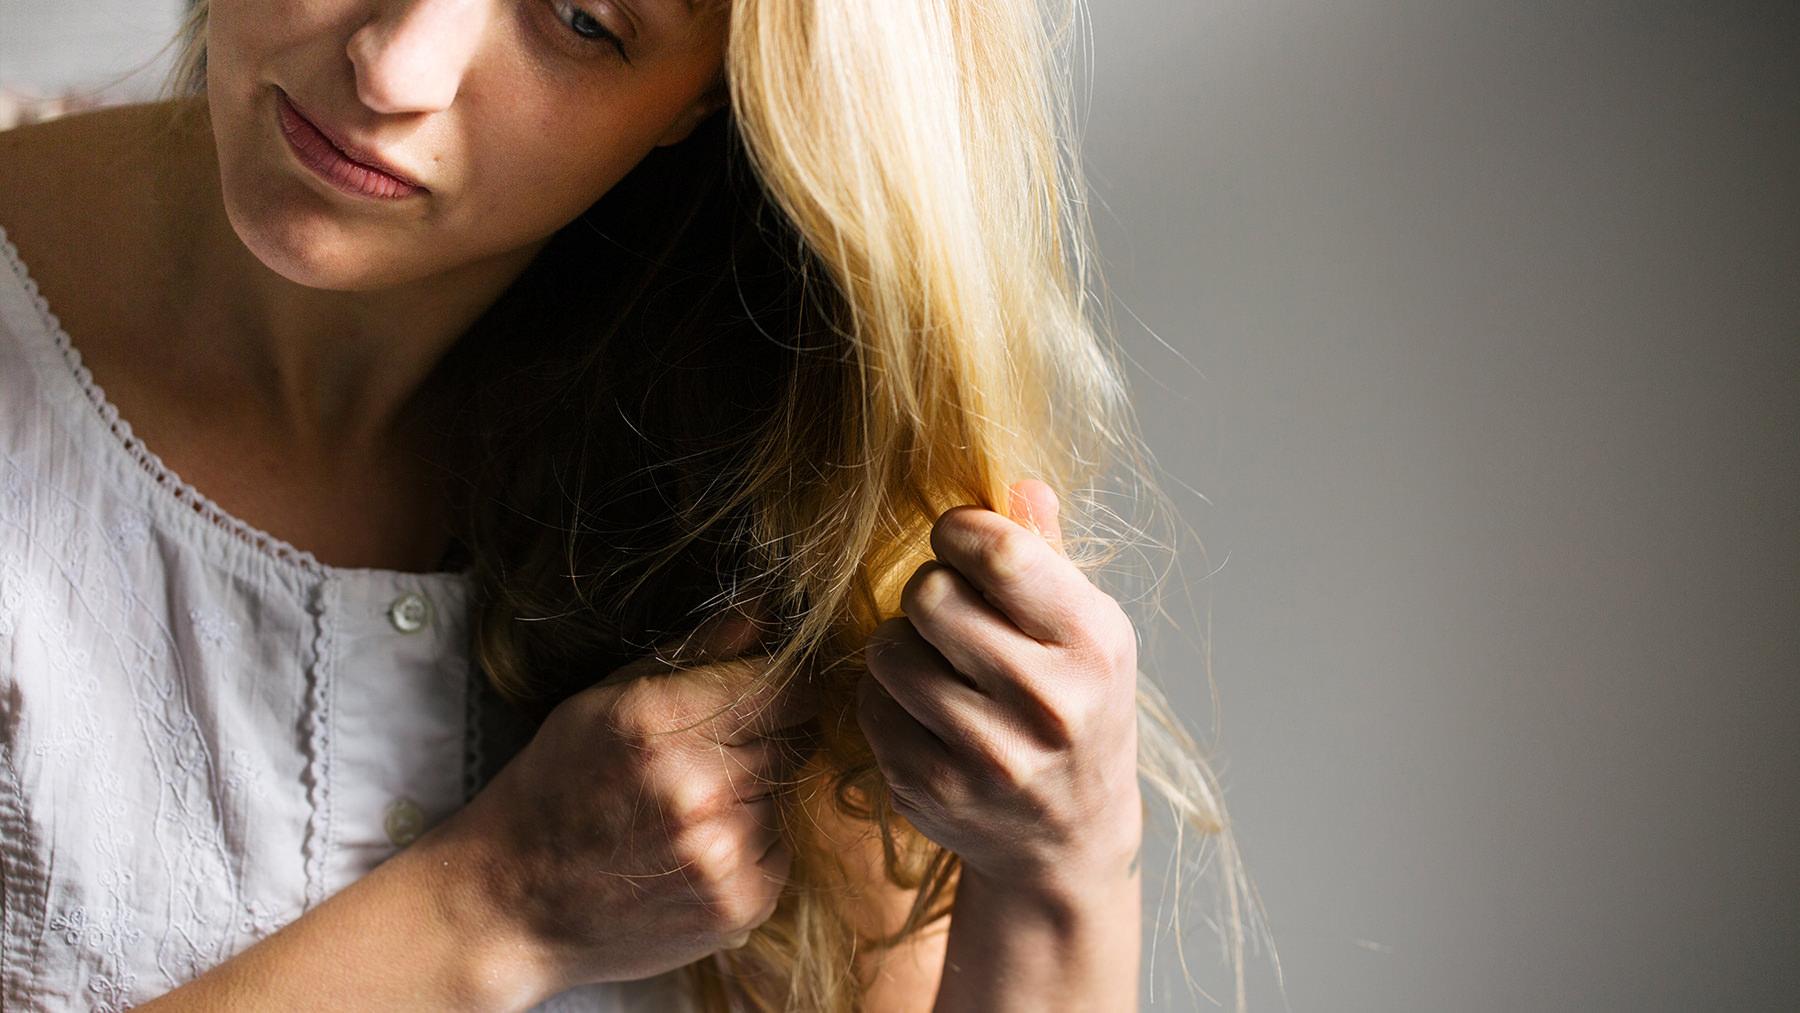 Per dare ai capelli volume, corpo o proteggerli da smog, sole e effetto crespo, questi styling capelli sono una vera manna!